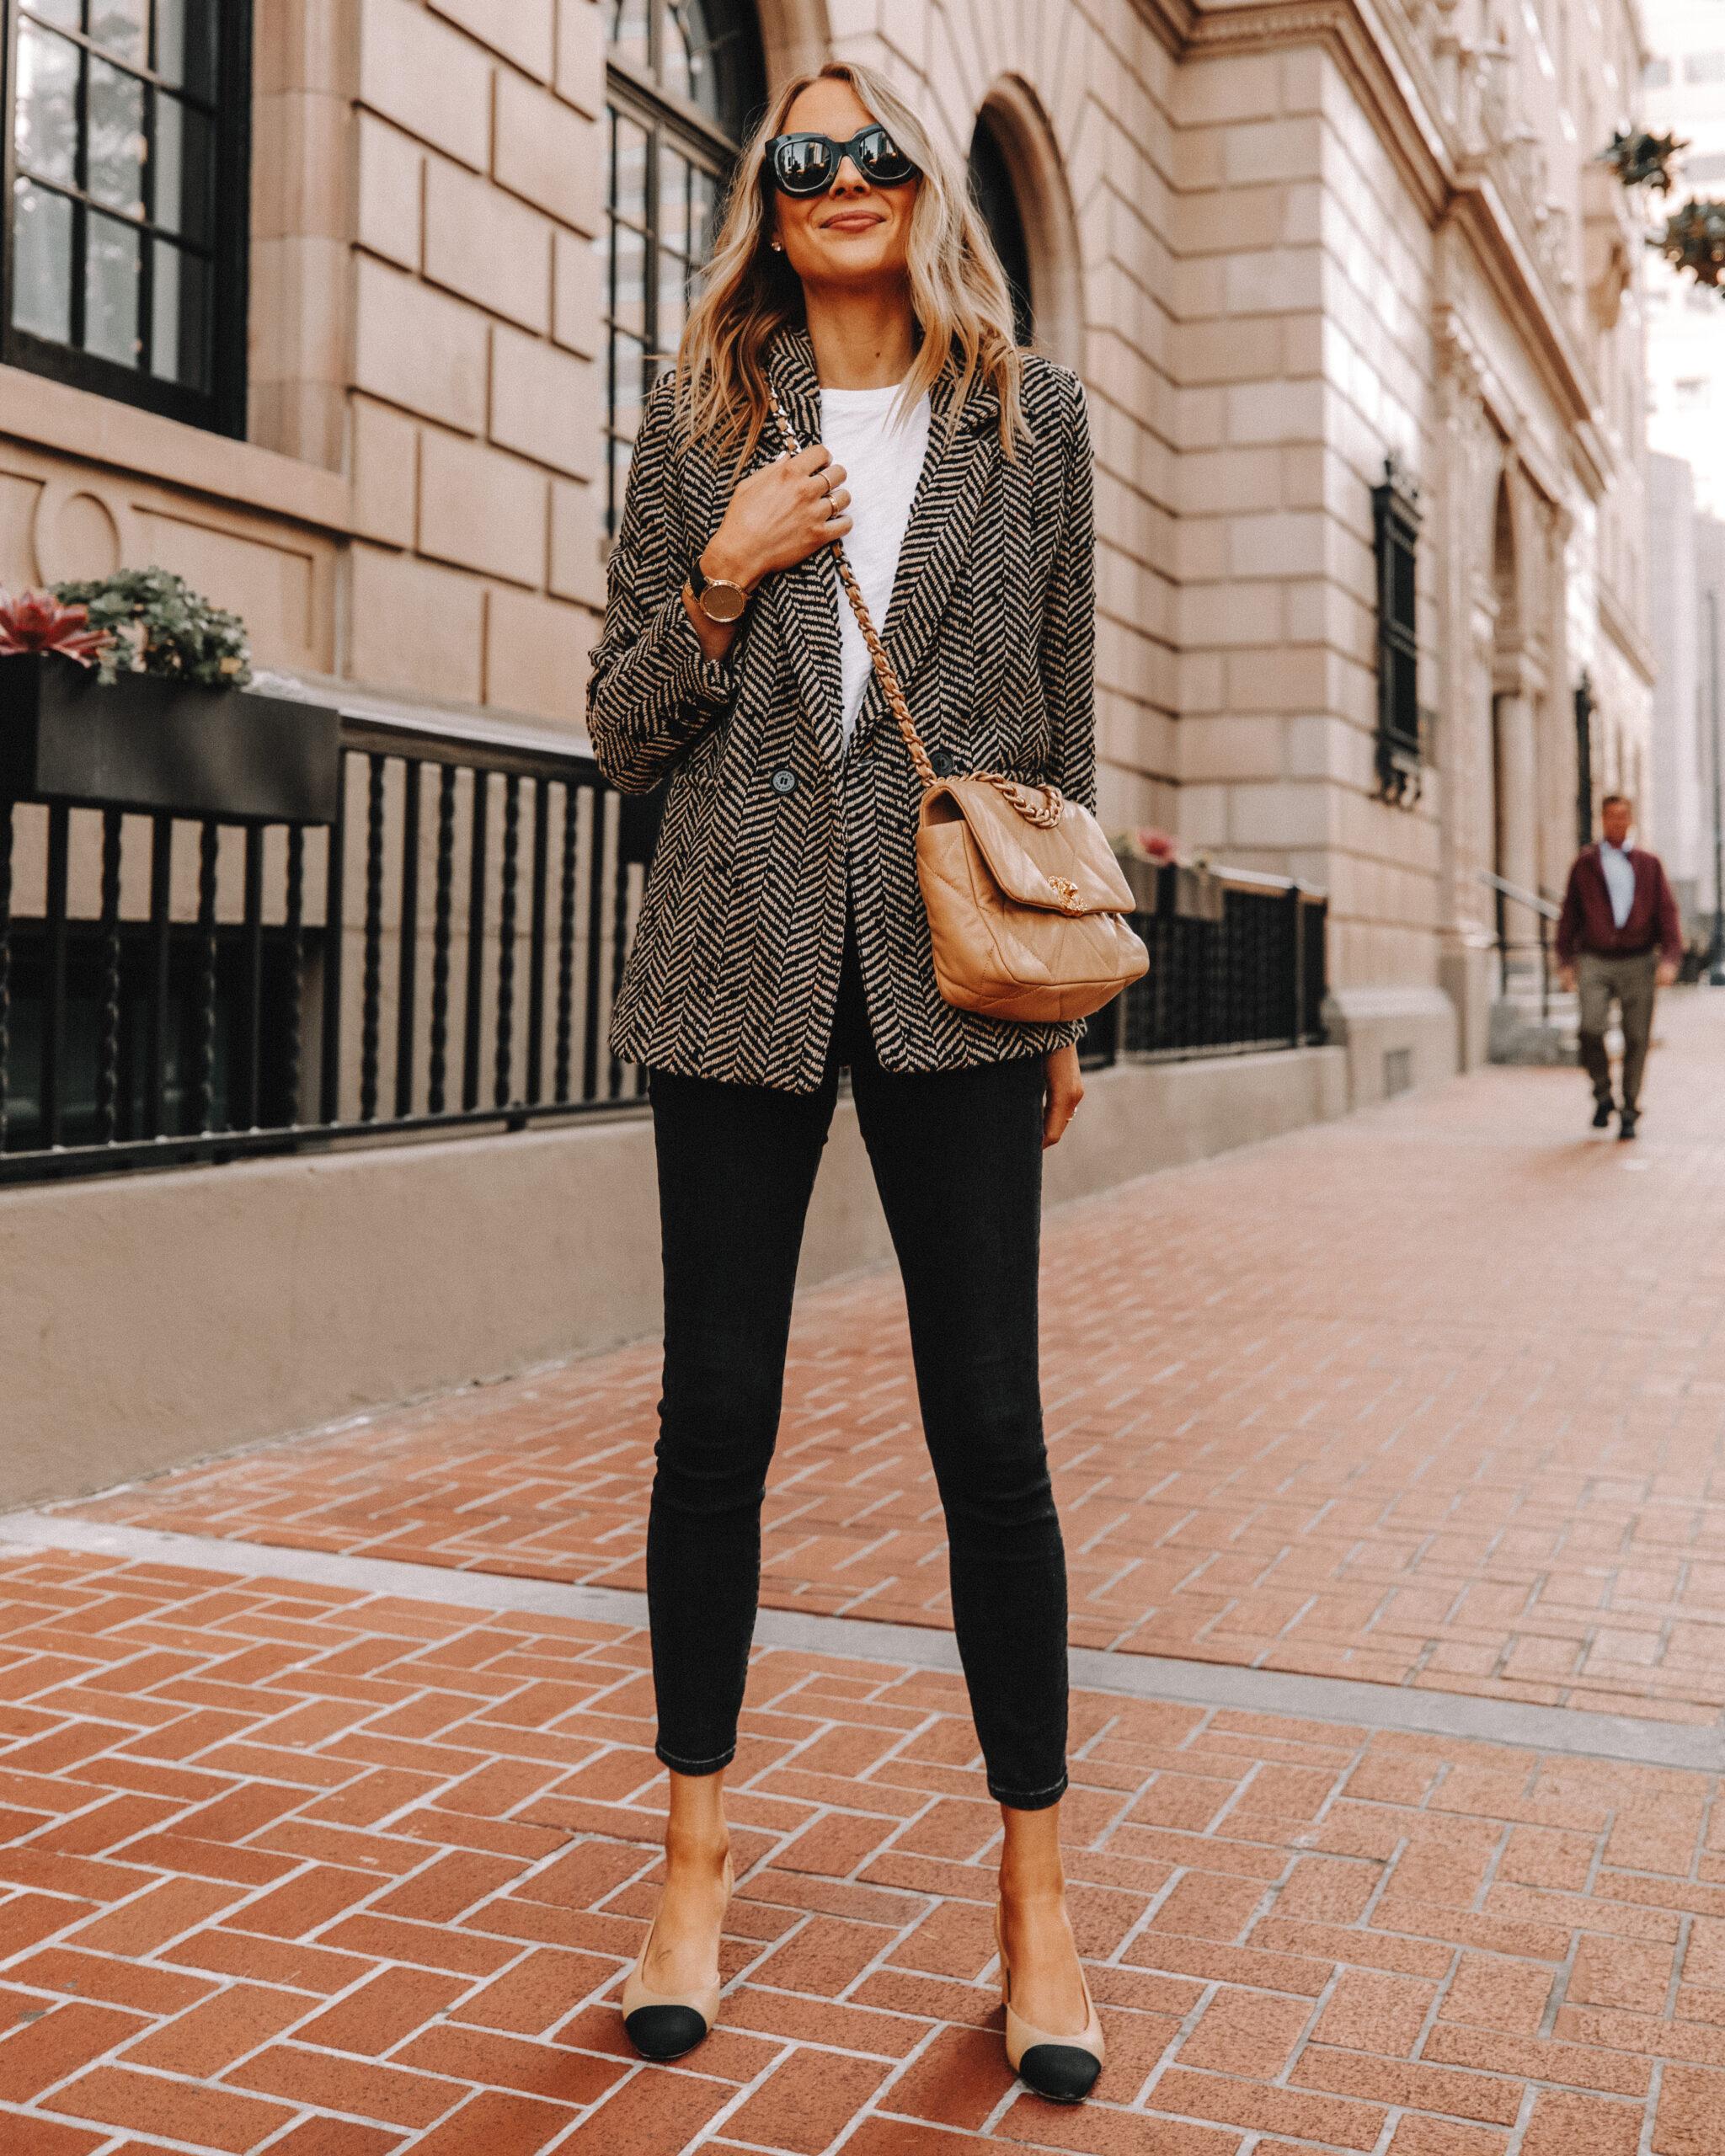 Fashion Jackson Wearing Anine Bing Tweed Blazer White Tshirt Black Jeans Chanel Slingbacks